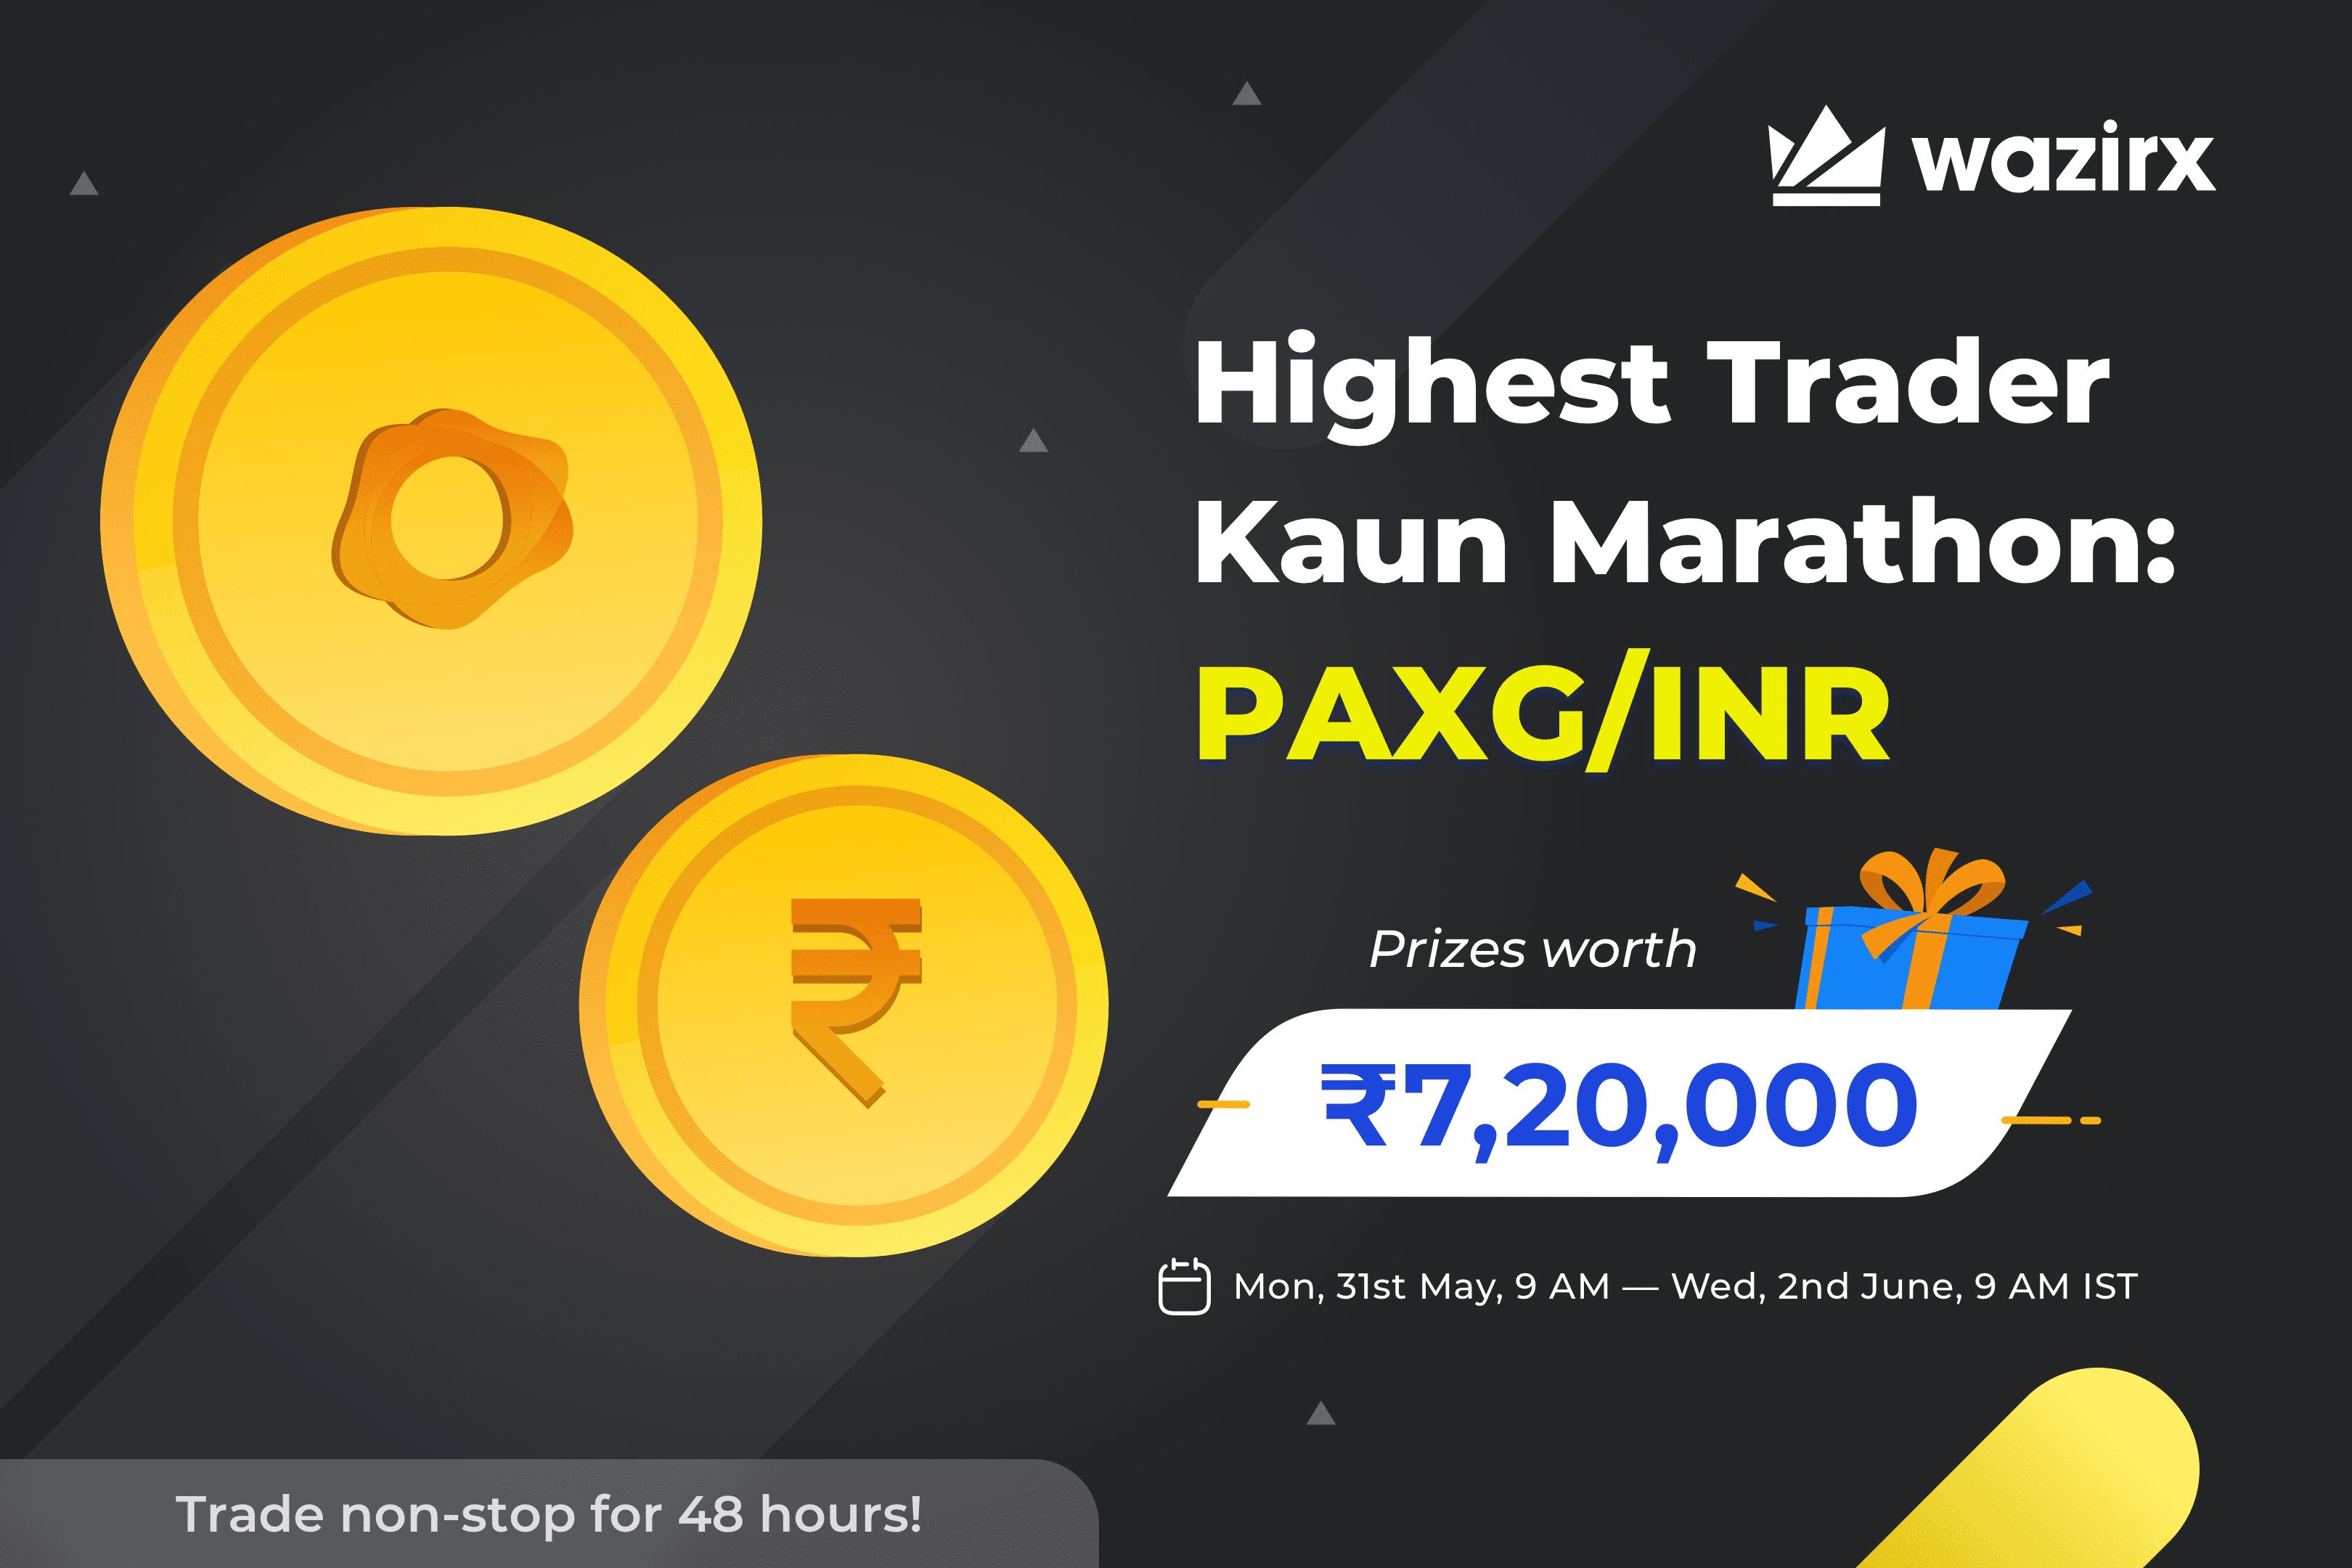 Wazirx PAXG/INR Highest Trader Kaun Marathon